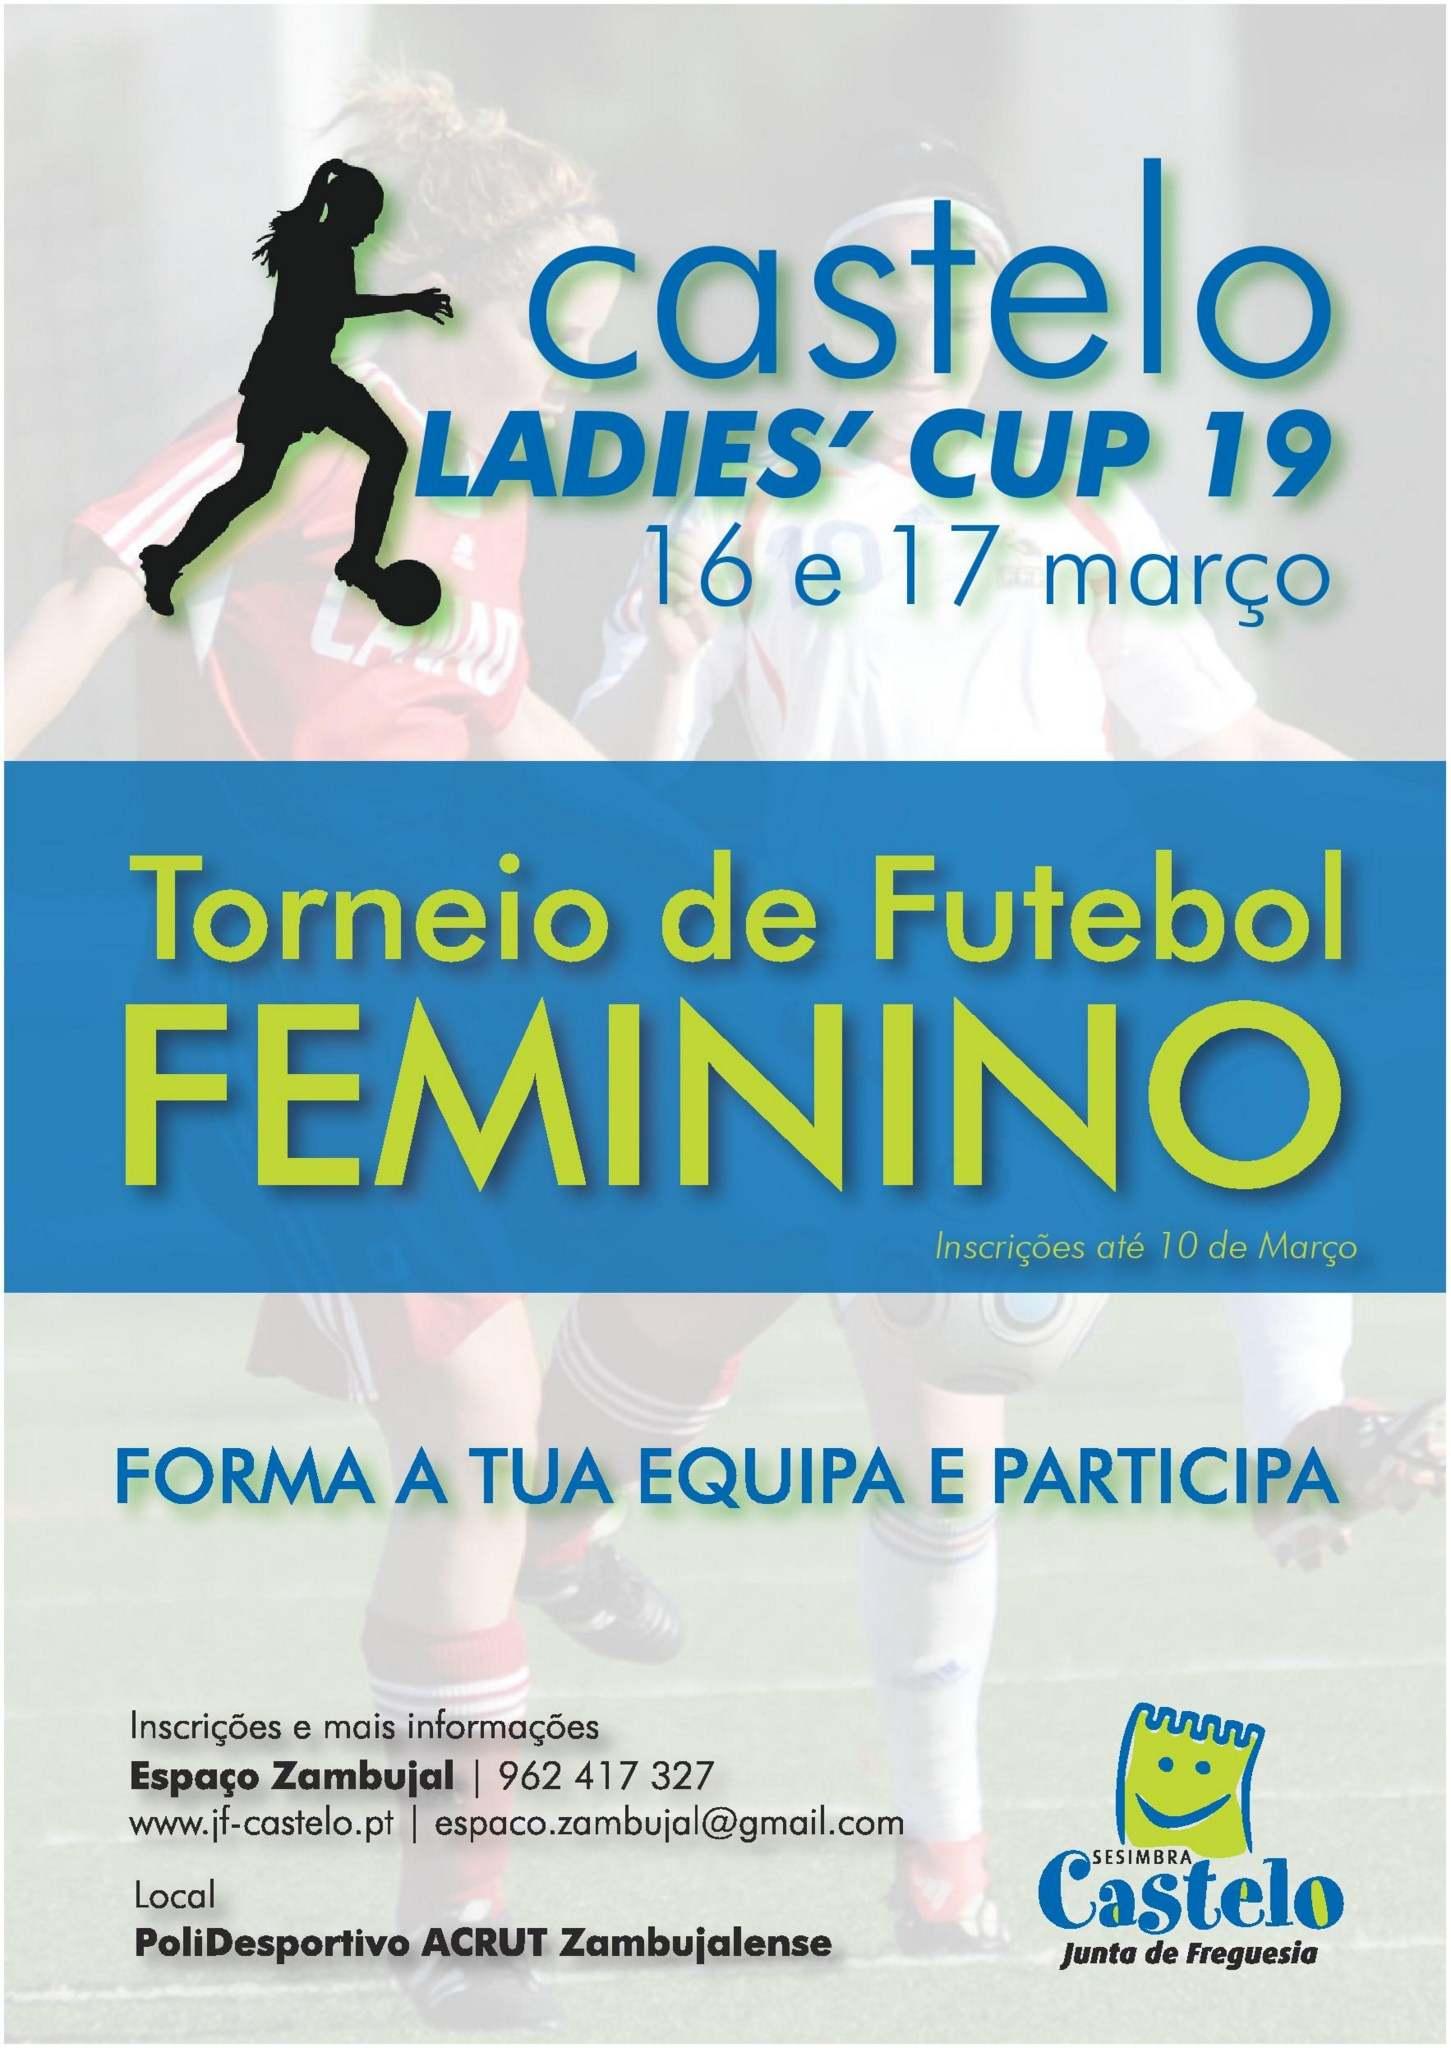 Castelo Ladies´CUP | Torneio de Futebol Feminino